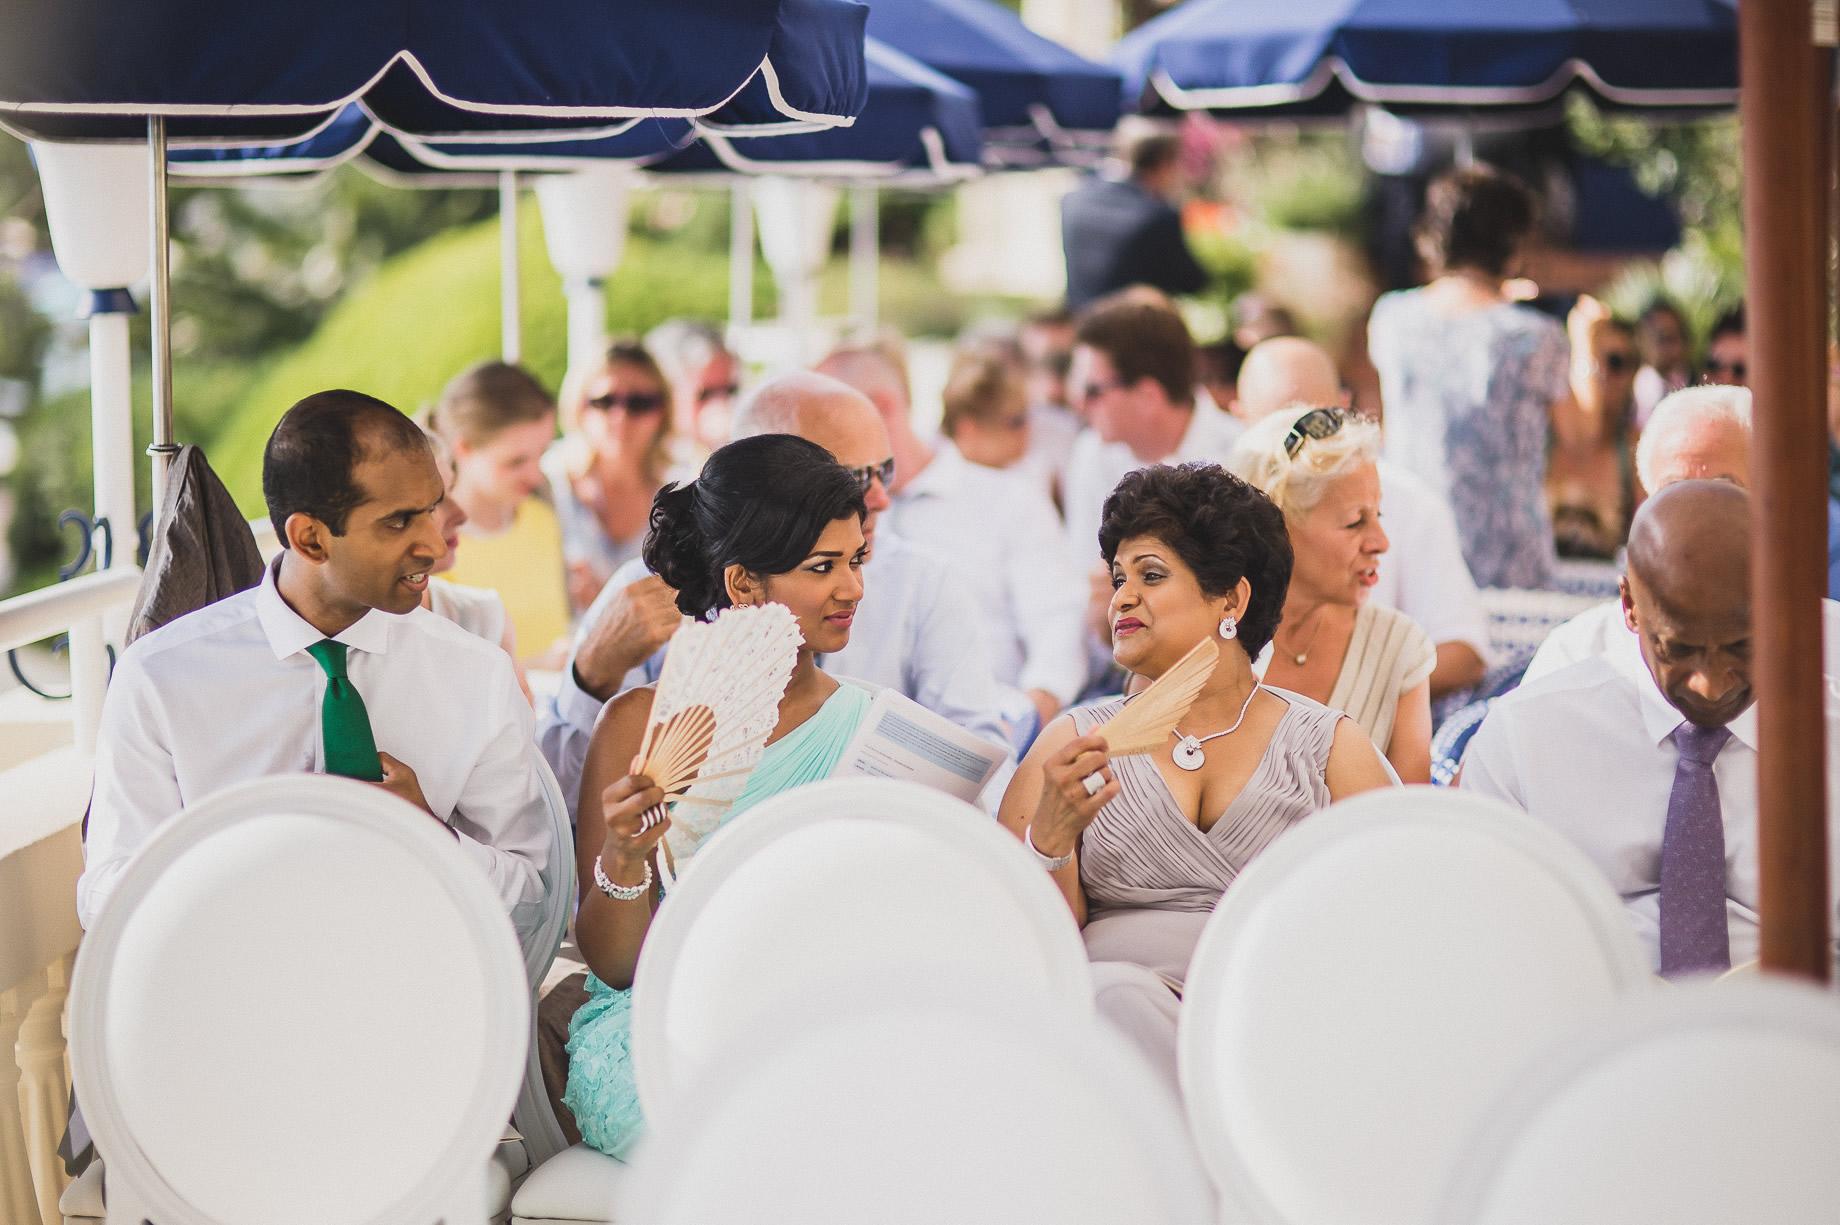 Jen and Priyan's Wedding at Hotel Belles Rives 081